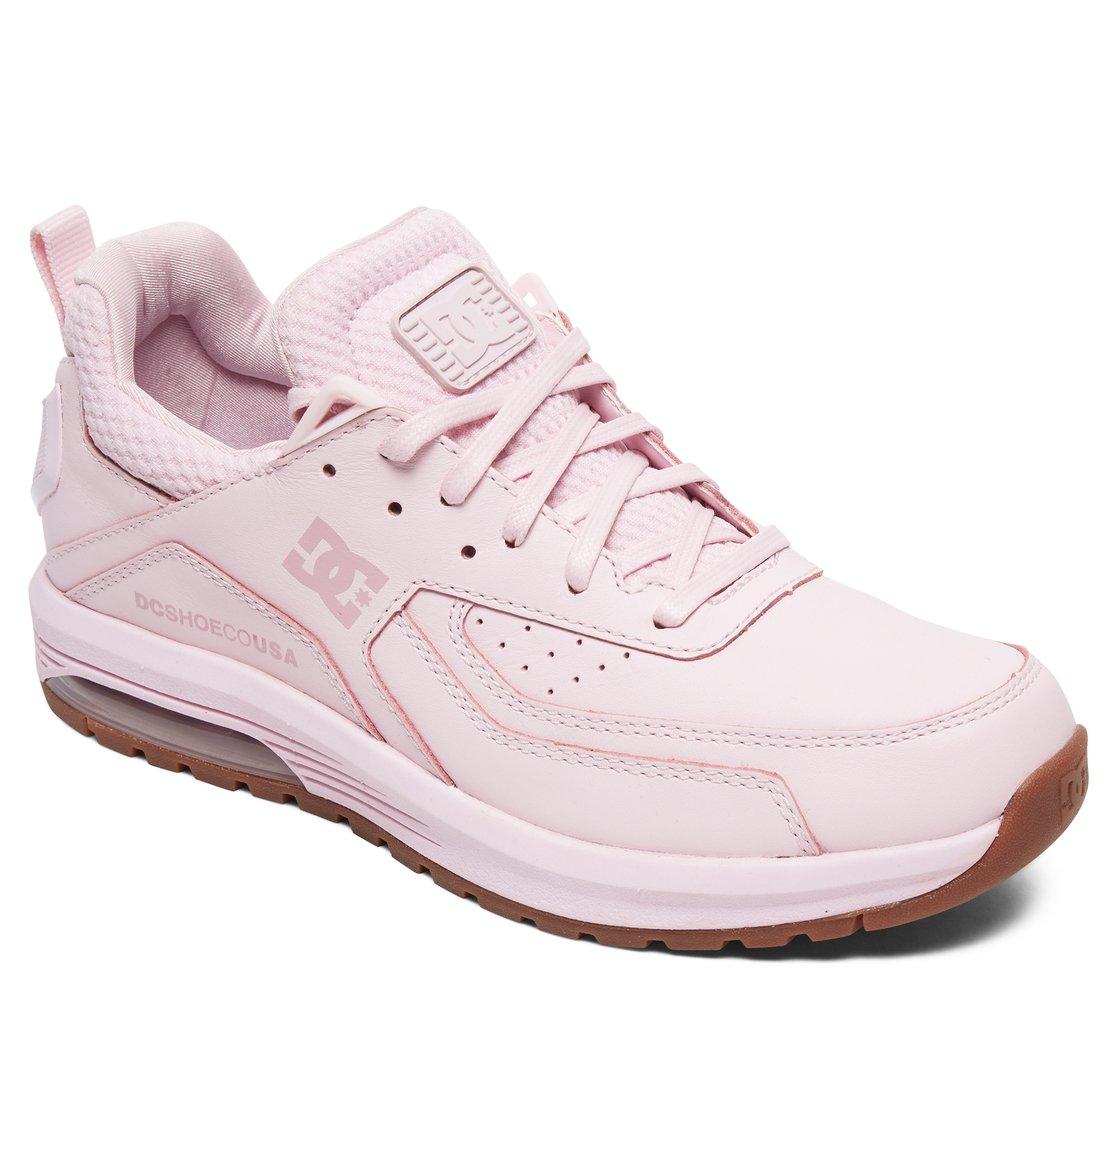 DC-Shoes-Vandium-SE-Baskets-pour-Femme-ADJS200026 miniature 14